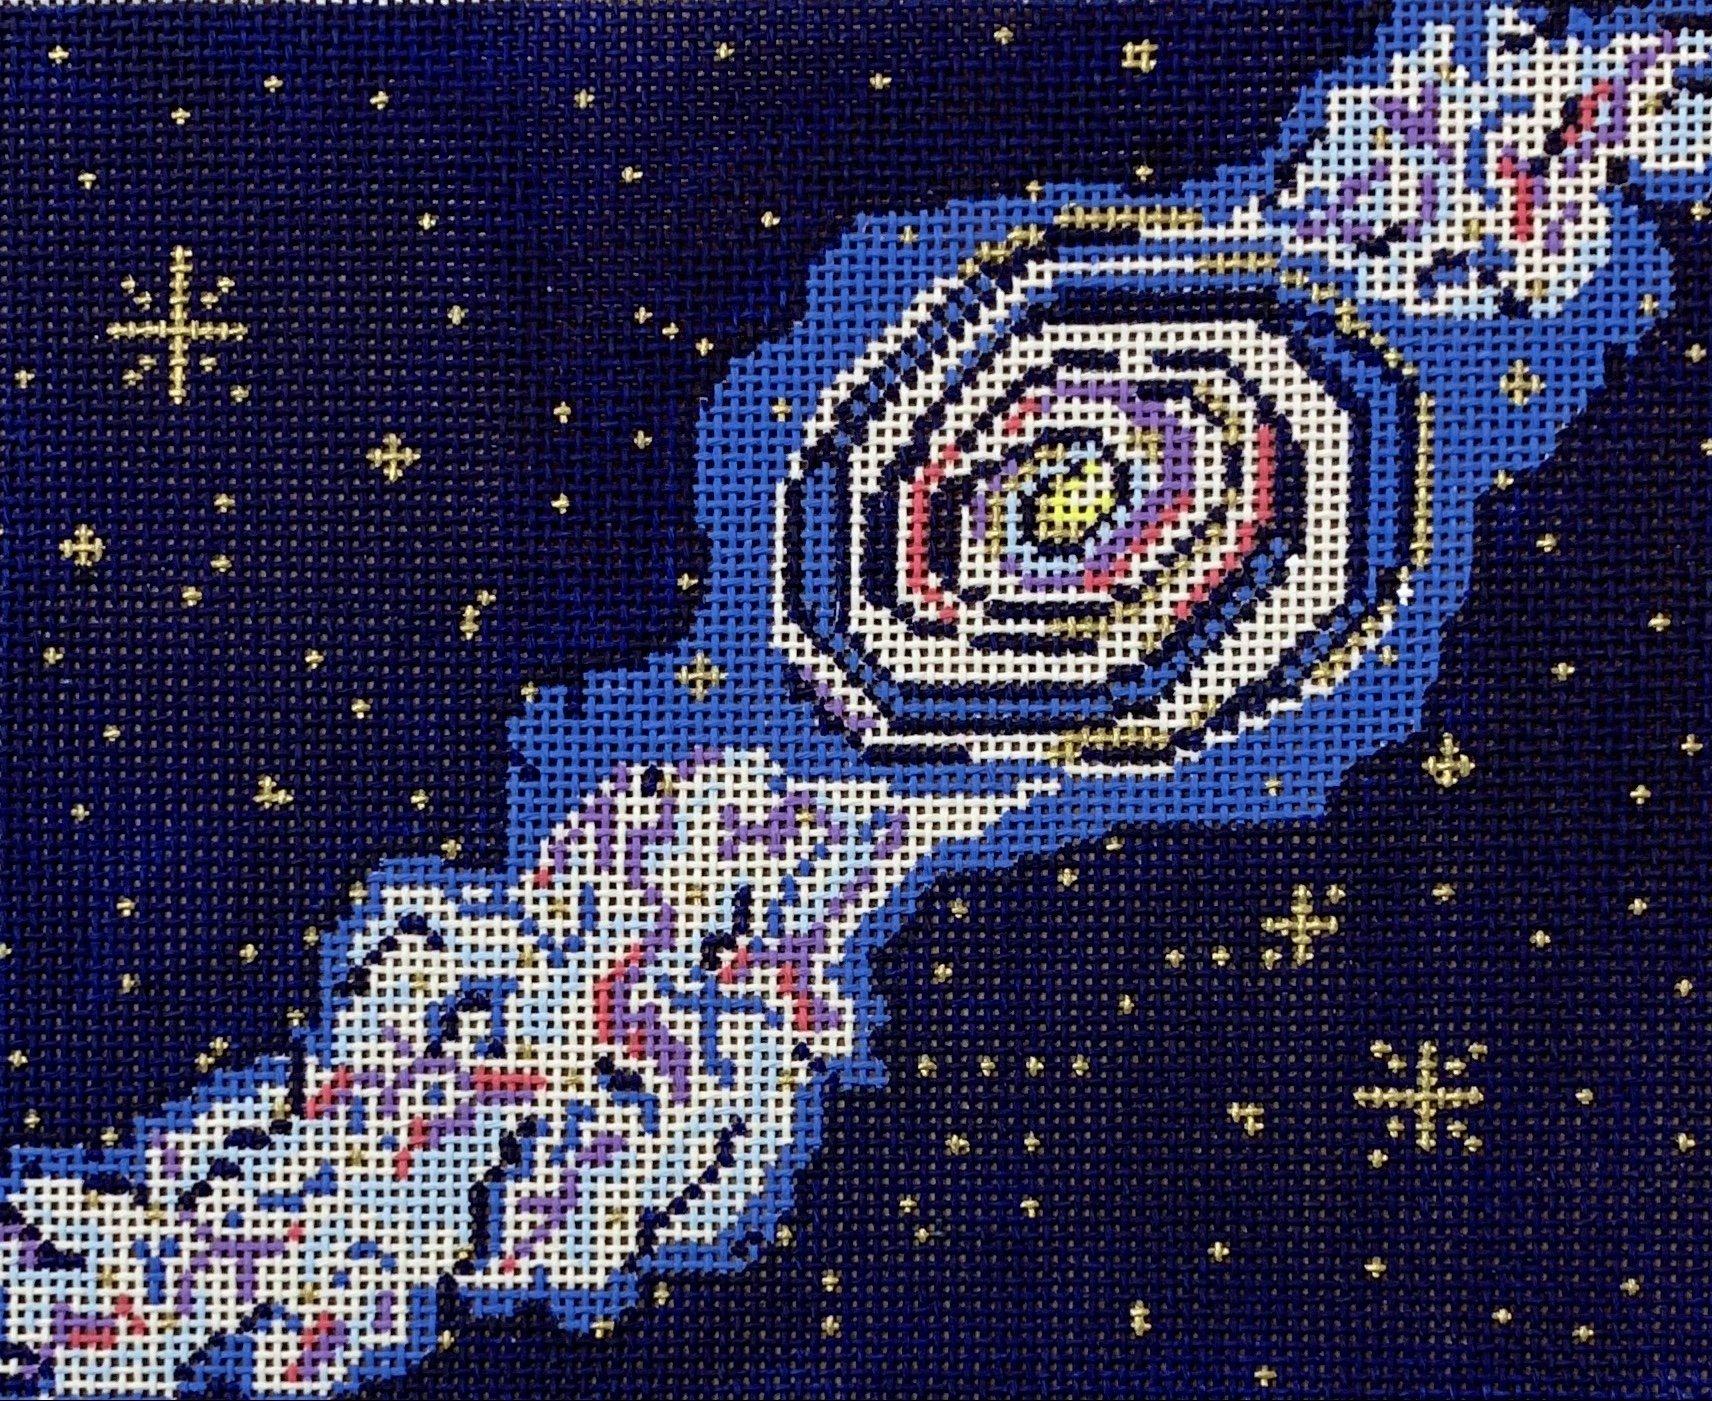 The Galaxy Clutch